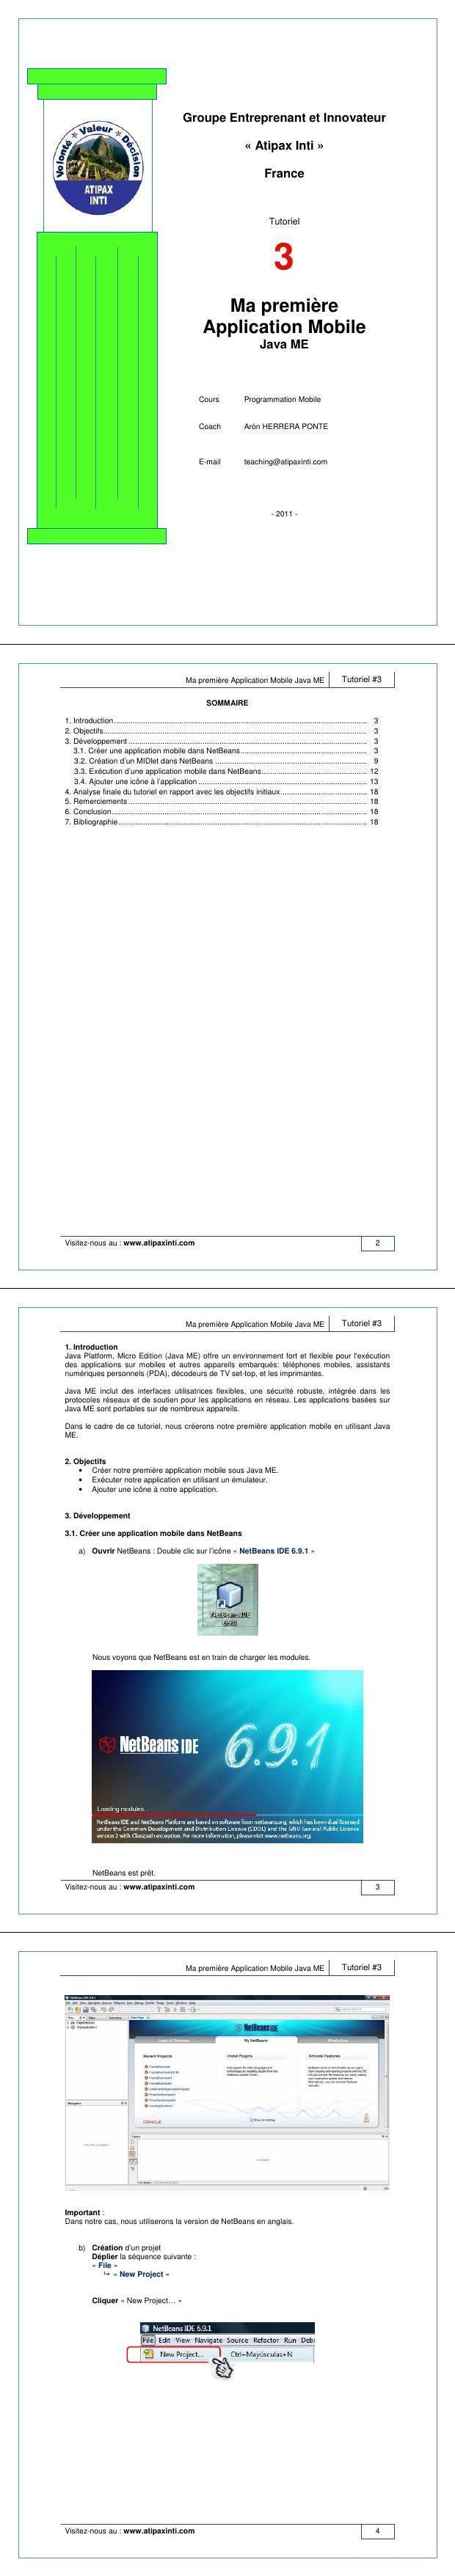 6.9 NETBEANS TÉLÉCHARGER GRATUITEMENT